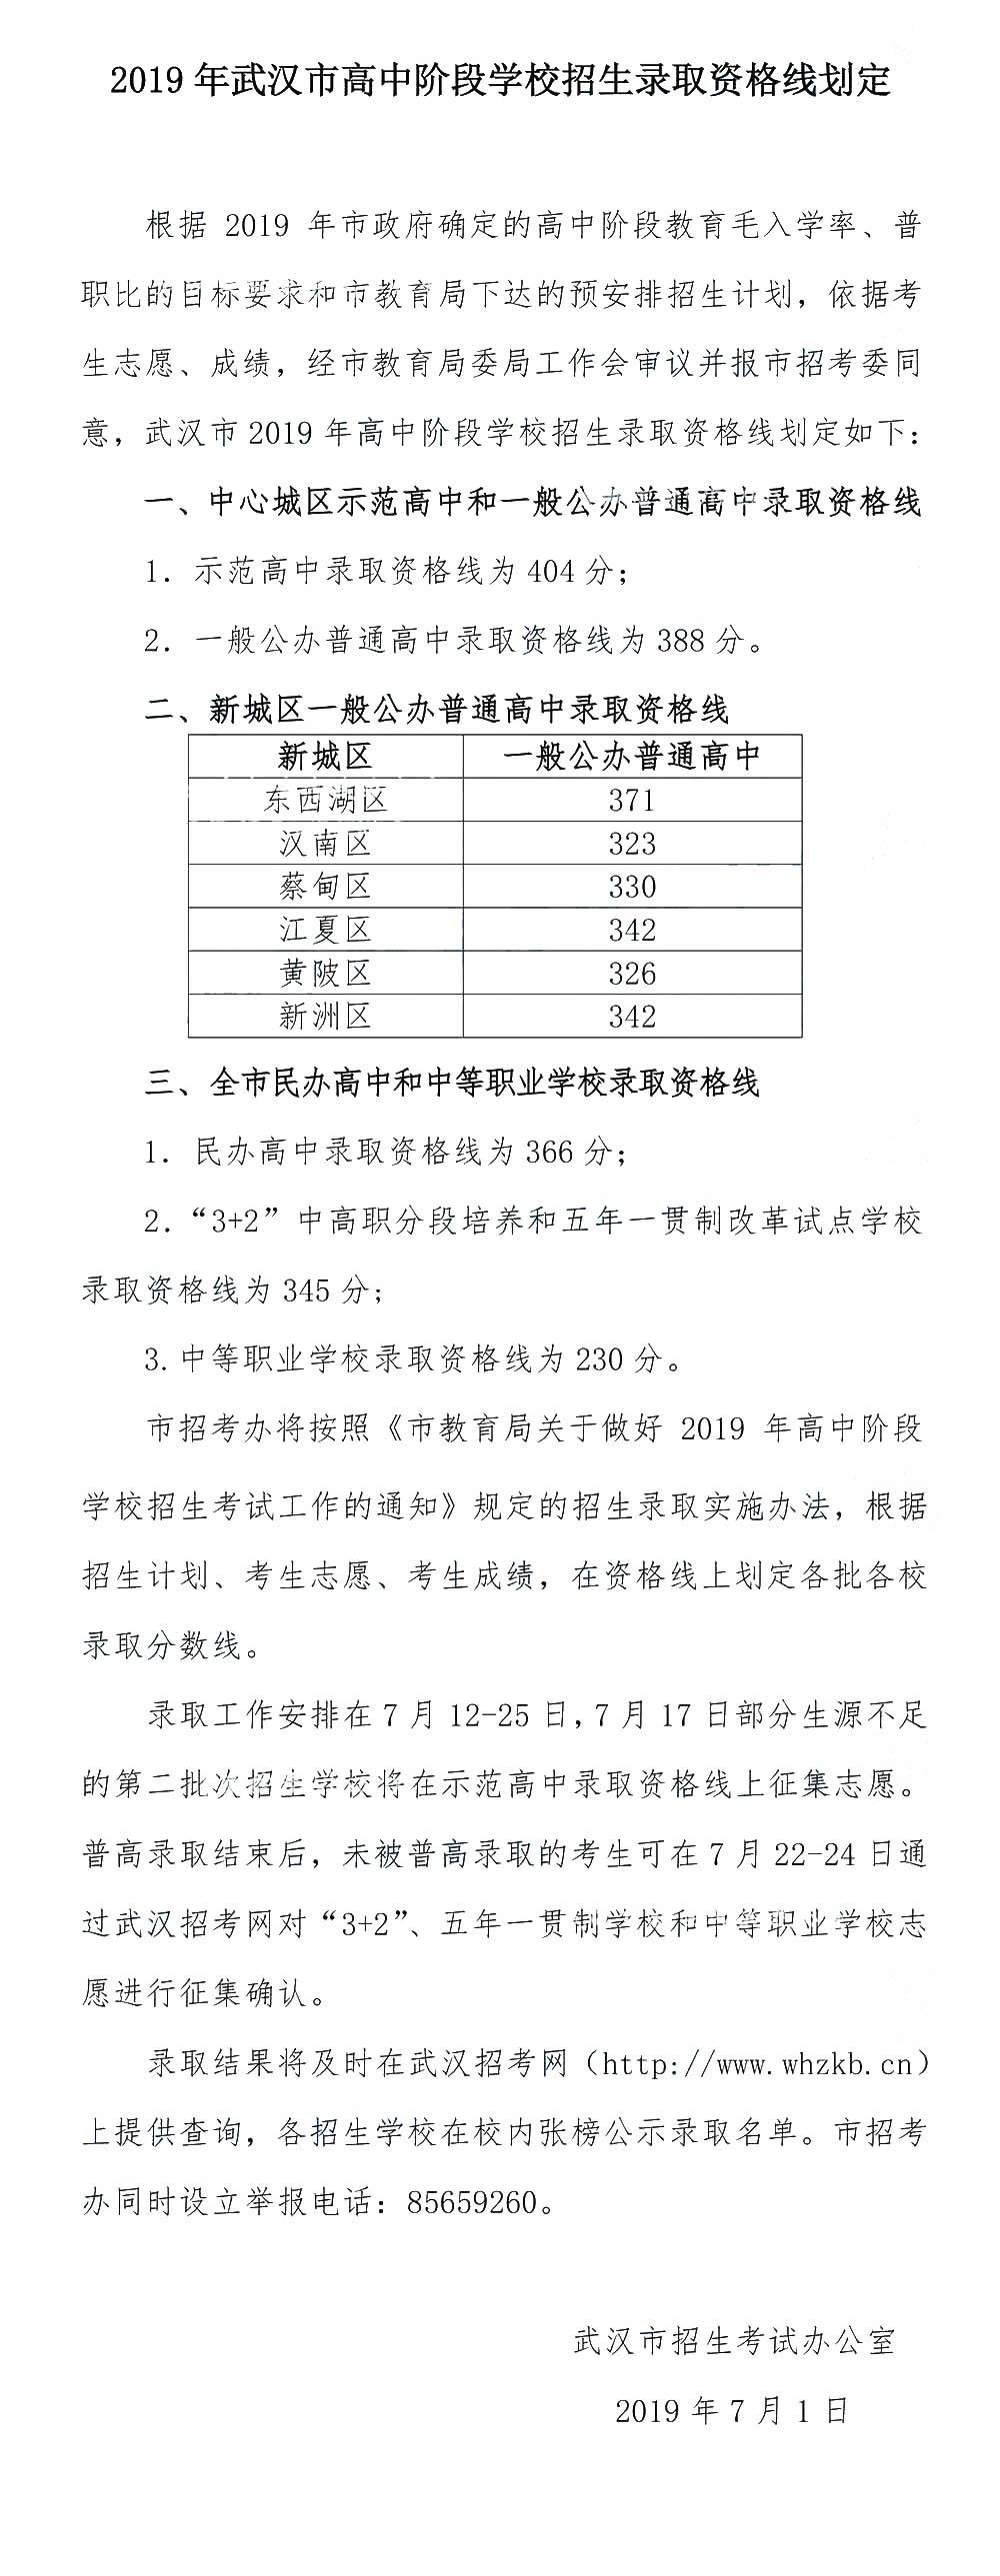 2019年湖北武汉中考普通高中录取分数线公布